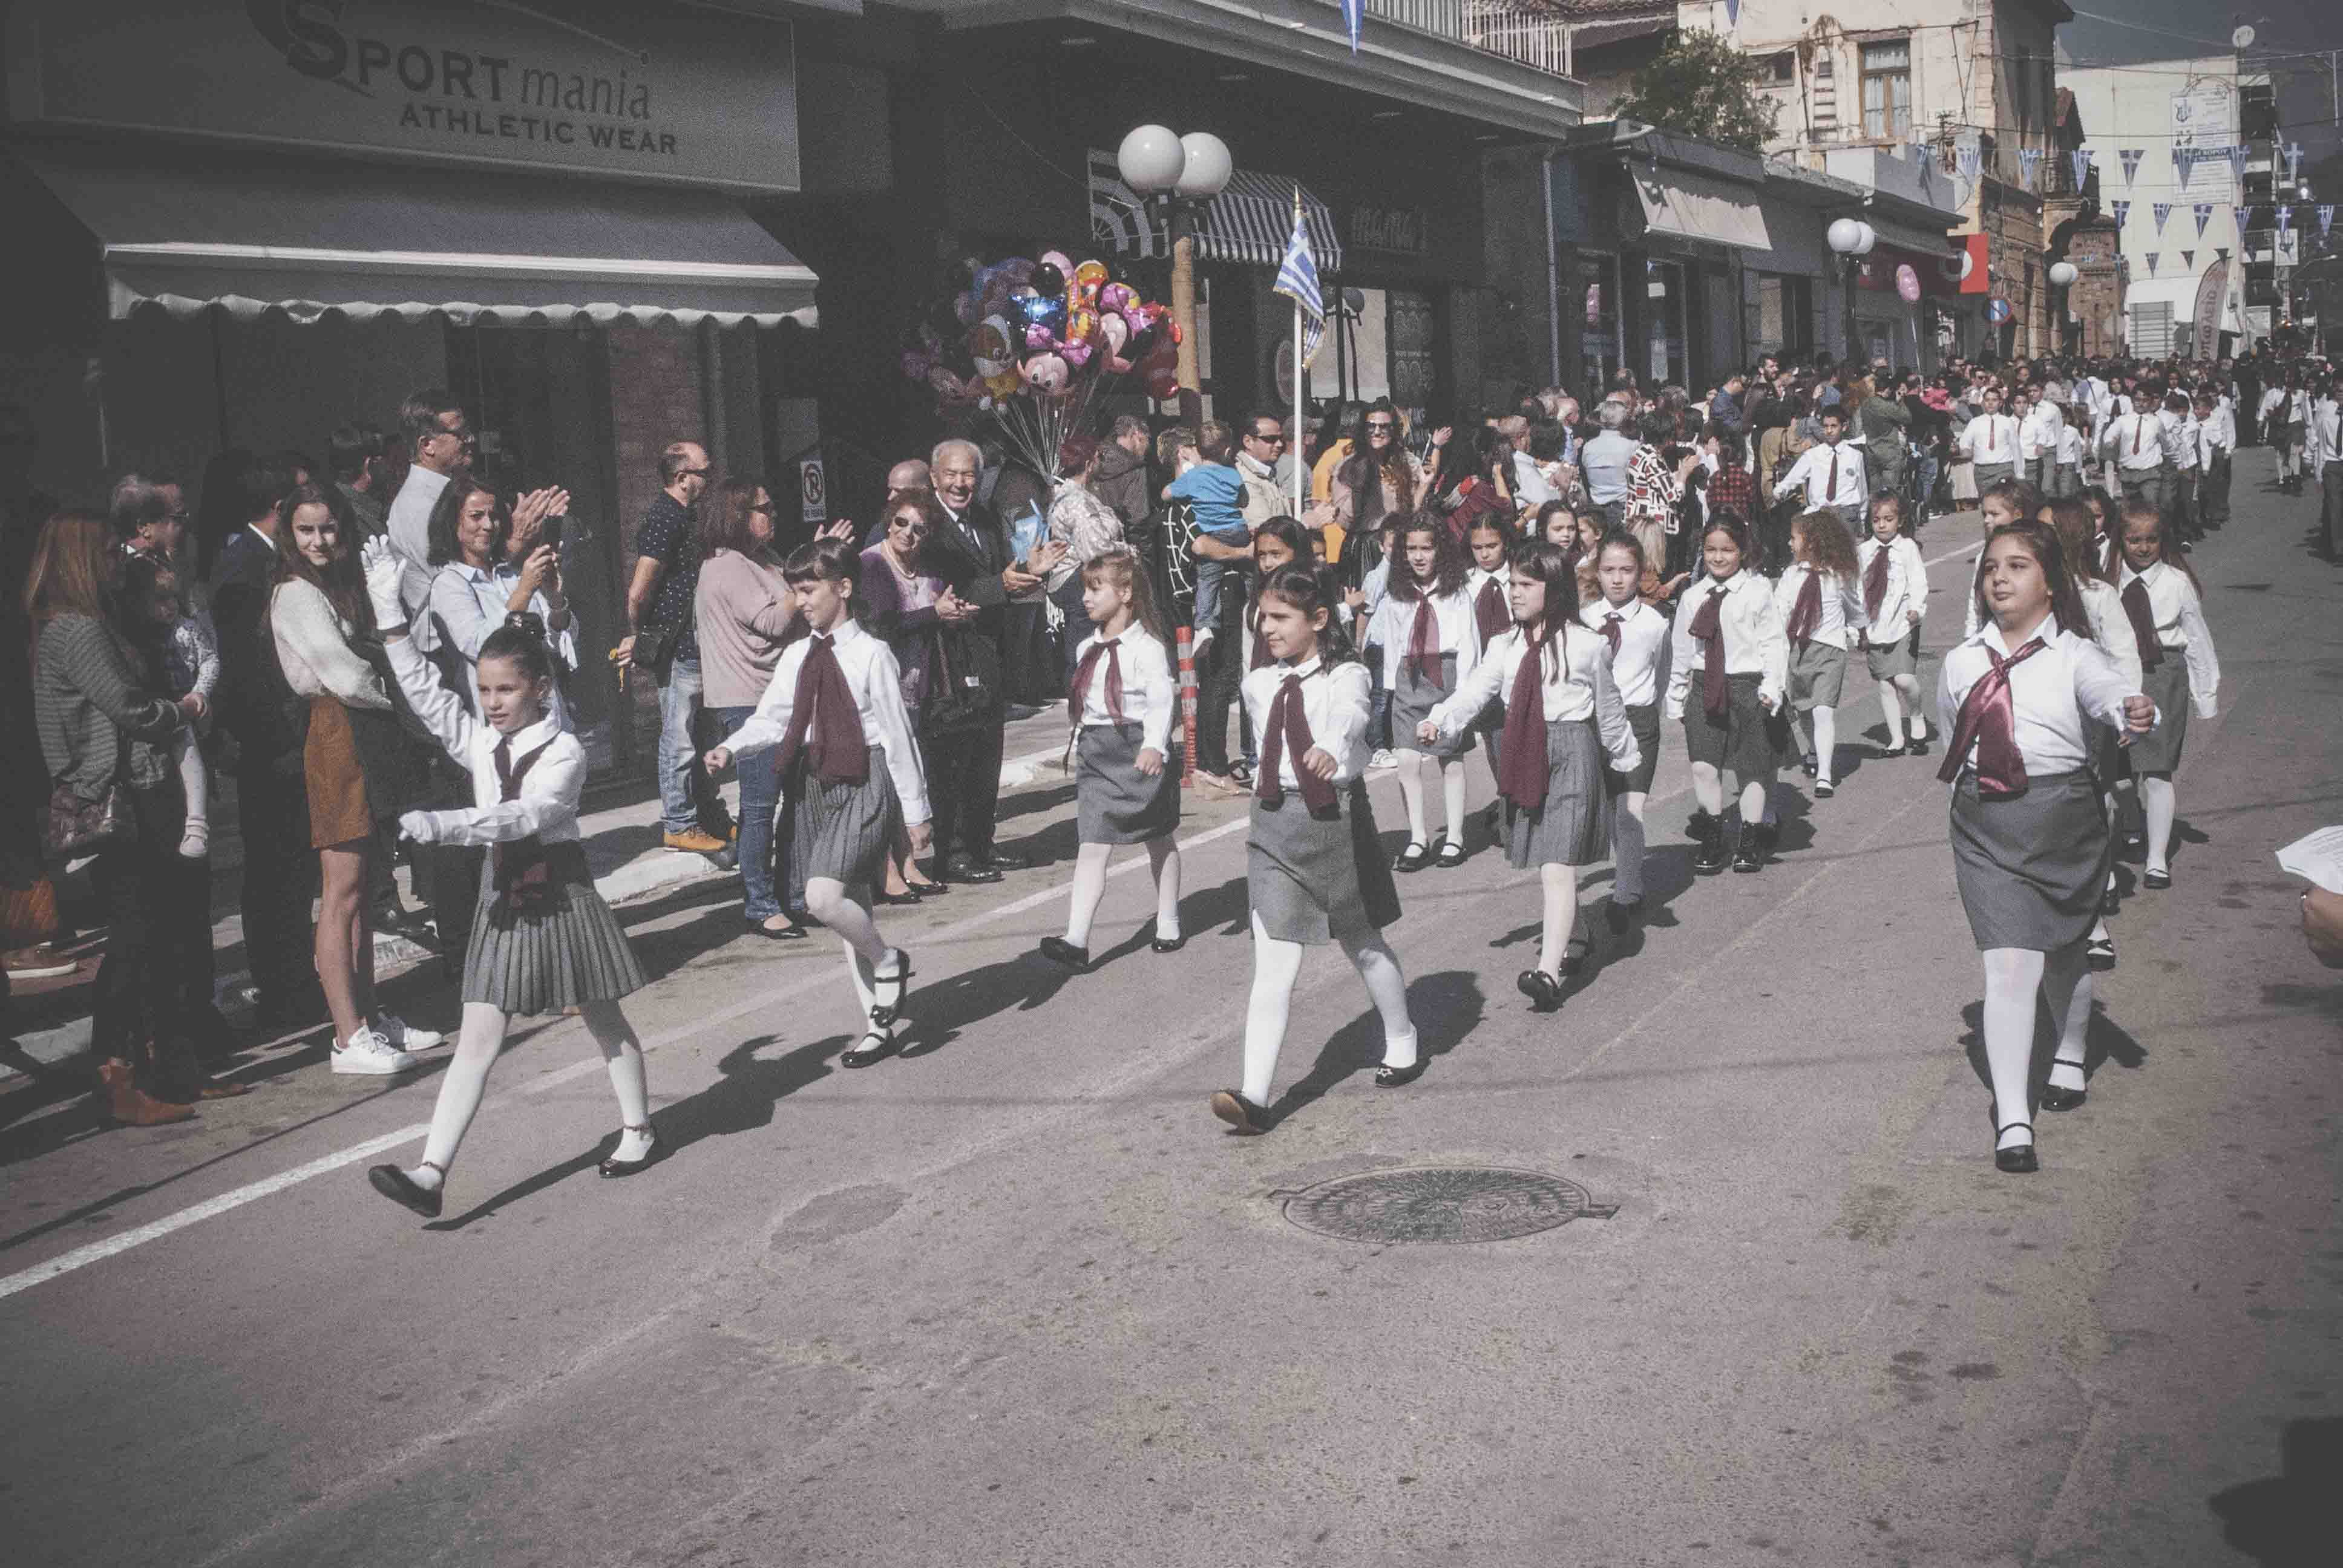 Η παρέλαση της 28ης Οκτωβρίου σε Καστέλλα και Ψαχνά (φωτό) DSC 0355